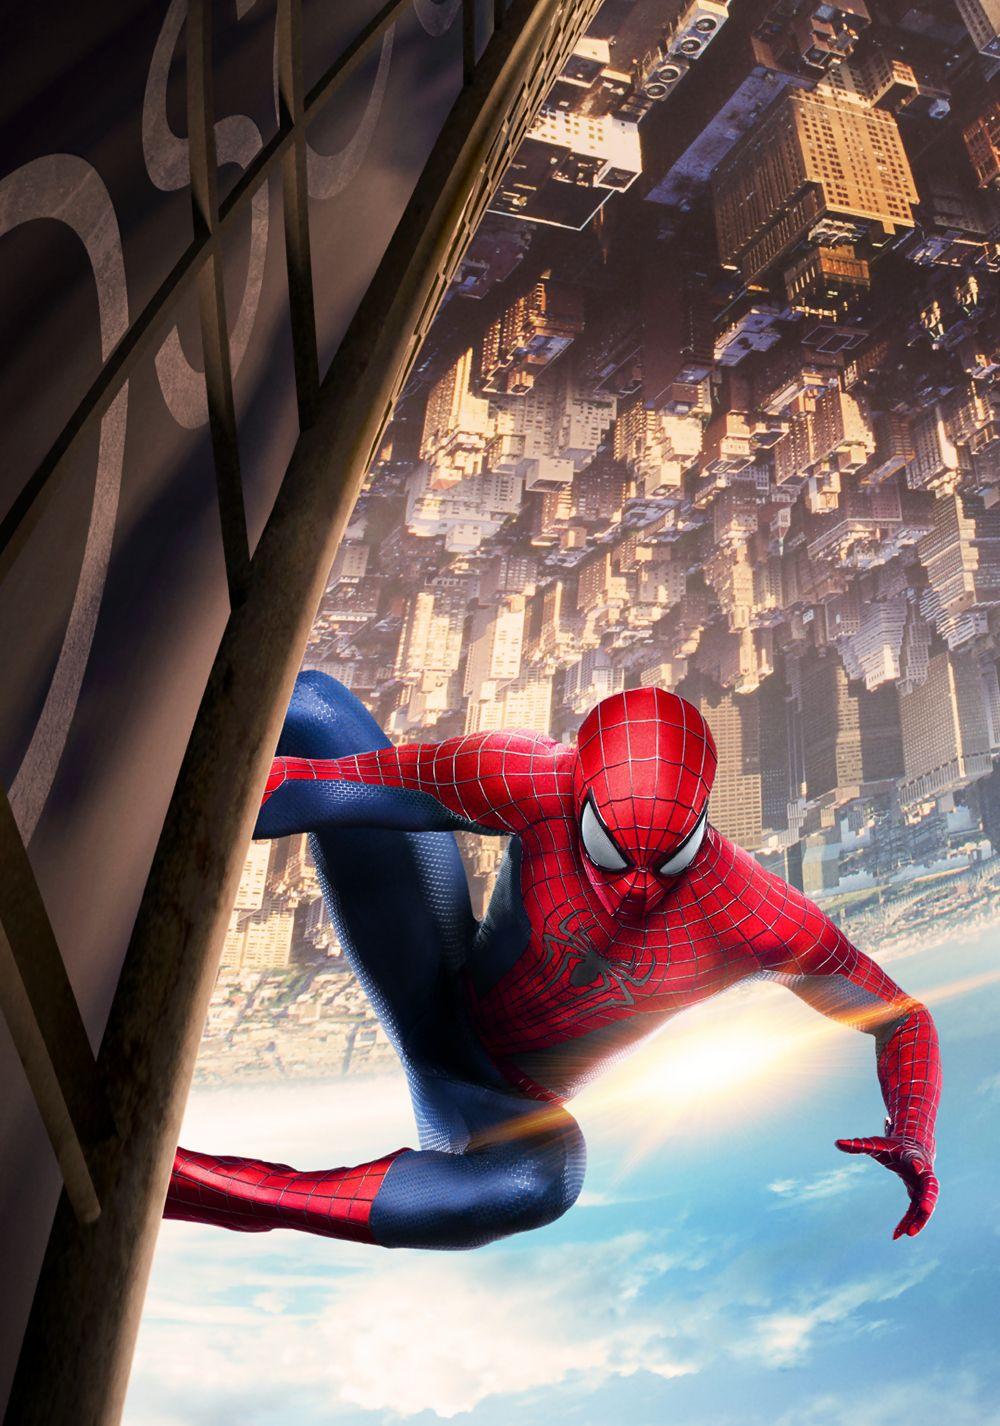 o incrível homem-aranha 2 | fanart do filme | fanart.tv | avengers